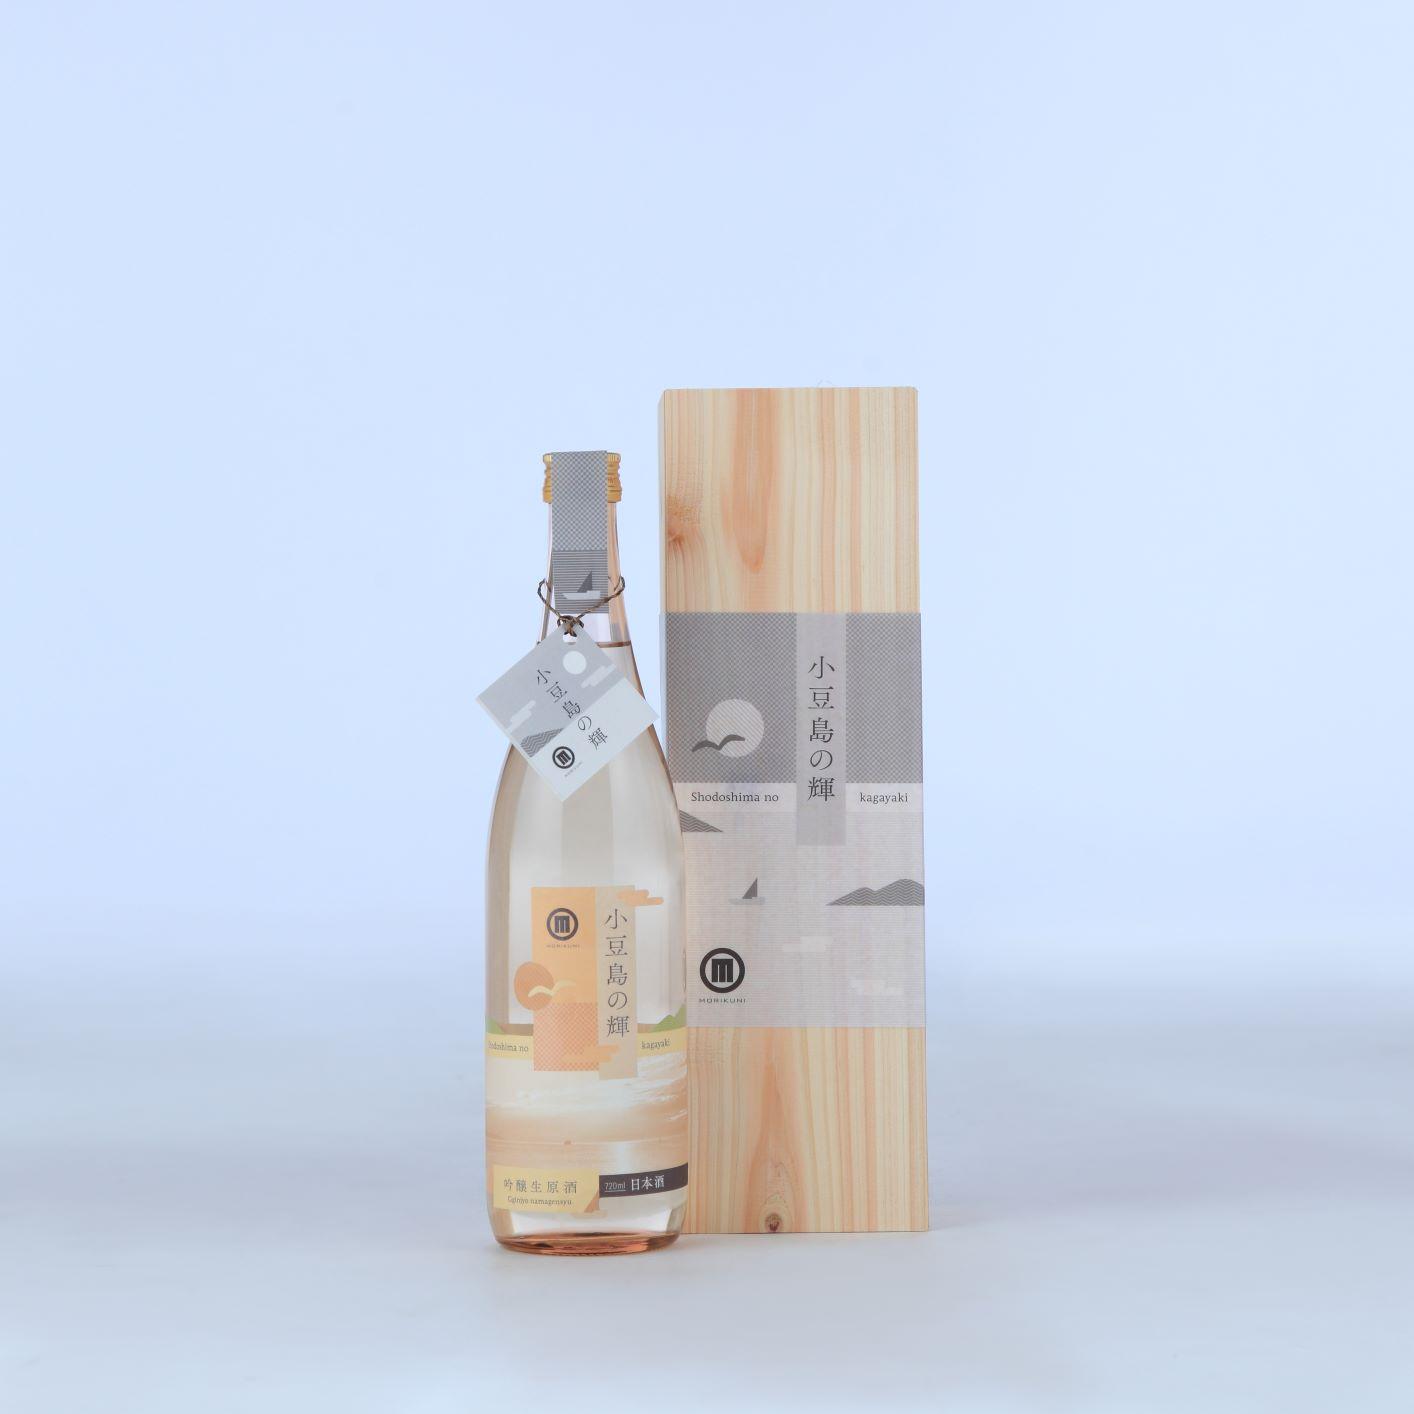 【香川県│小豆島酒造】小豆島の輝 吟醸生原酒【同梱不可・産地直送】